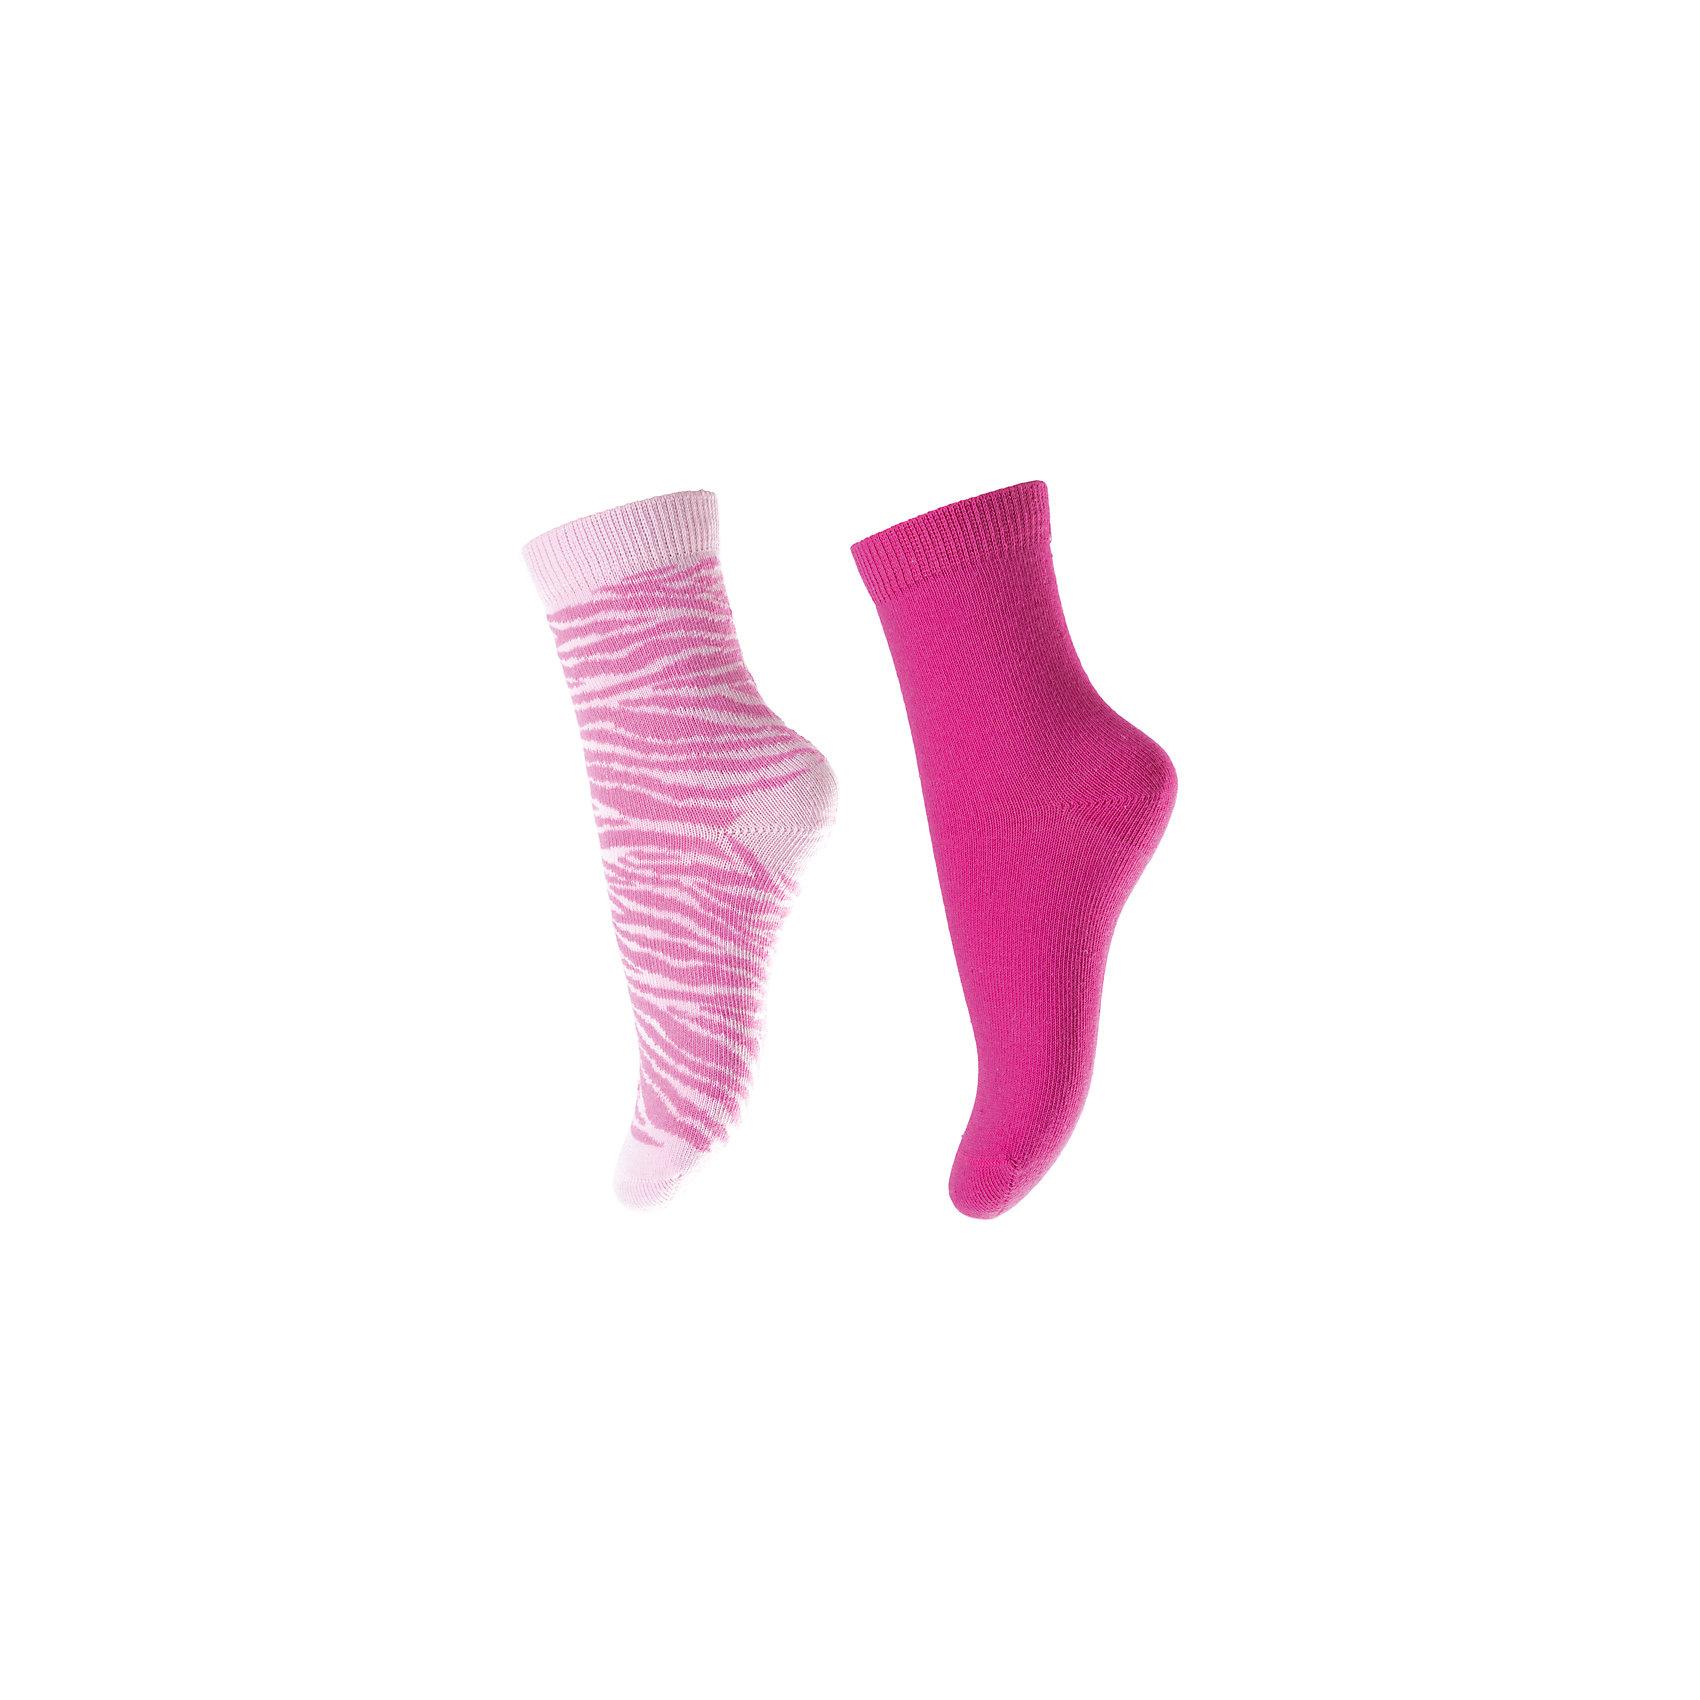 Носки для девочки PlayTodayНоски<br>Характеристики товара:<br><br>• цвет: розовый<br>• состав: 75% хлопок, 22% нейлон, 3% эластан<br>• долго служат<br>• качественный трикотаж<br>• дышащий материал<br>• мягкая резинка<br>• комфортная посадка<br>• коллекция: весна-лето 2017<br>• страна бренда: Германия<br>• страна производства: Китай<br><br>Популярный бренд PlayToday выпустил новую коллекцию! Вещи из неё продолжают радовать покупателей удобством, стильным дизайном и продуманным кроем. Дети носят их с удовольствием. PlayToday - это линейка товаров, созданная специально для детей. Дизайнеры учитывают новые веяния моды и потребности детей. Порадуйте ребенка обновкой от проверенного производителя!<br>Эти носки обеспечат ребенку комфорт благодаря качественному материалу и продуманному крою. Отличный вариант удобной одежды - не натирает и не давит, не ограничивает свободу движений! Выглядит стильно и аккуратно.<br><br>Носки для девочки от известного бренда PlayToday можно купить в нашем интернет-магазине.<br><br>Ширина мм: 87<br>Глубина мм: 10<br>Высота мм: 105<br>Вес г: 115<br>Цвет: розовый<br>Возраст от месяцев: 84<br>Возраст до месяцев: 96<br>Пол: Женский<br>Возраст: Детский<br>Размер: 18,14,16<br>SKU: 5404226